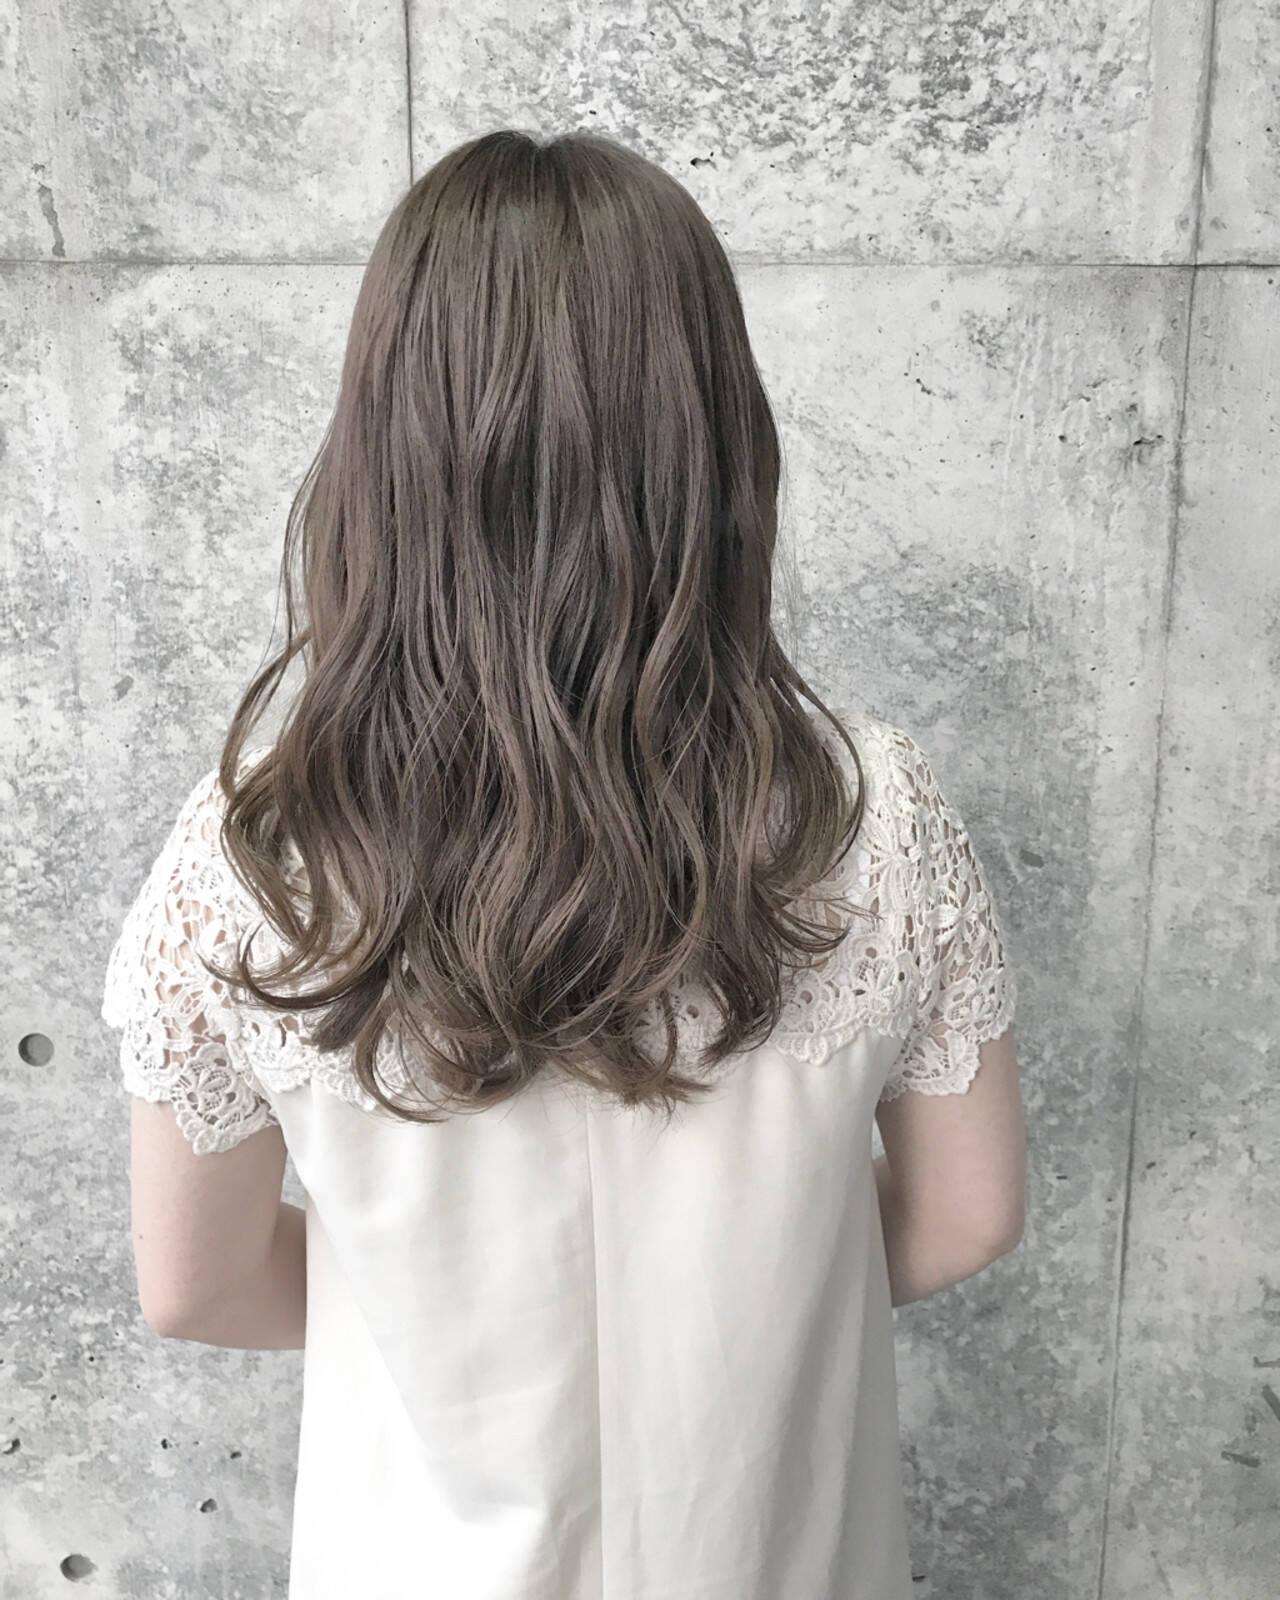 ナチュラル 透明感 シルバー 結婚式ヘアスタイルや髪型の写真・画像